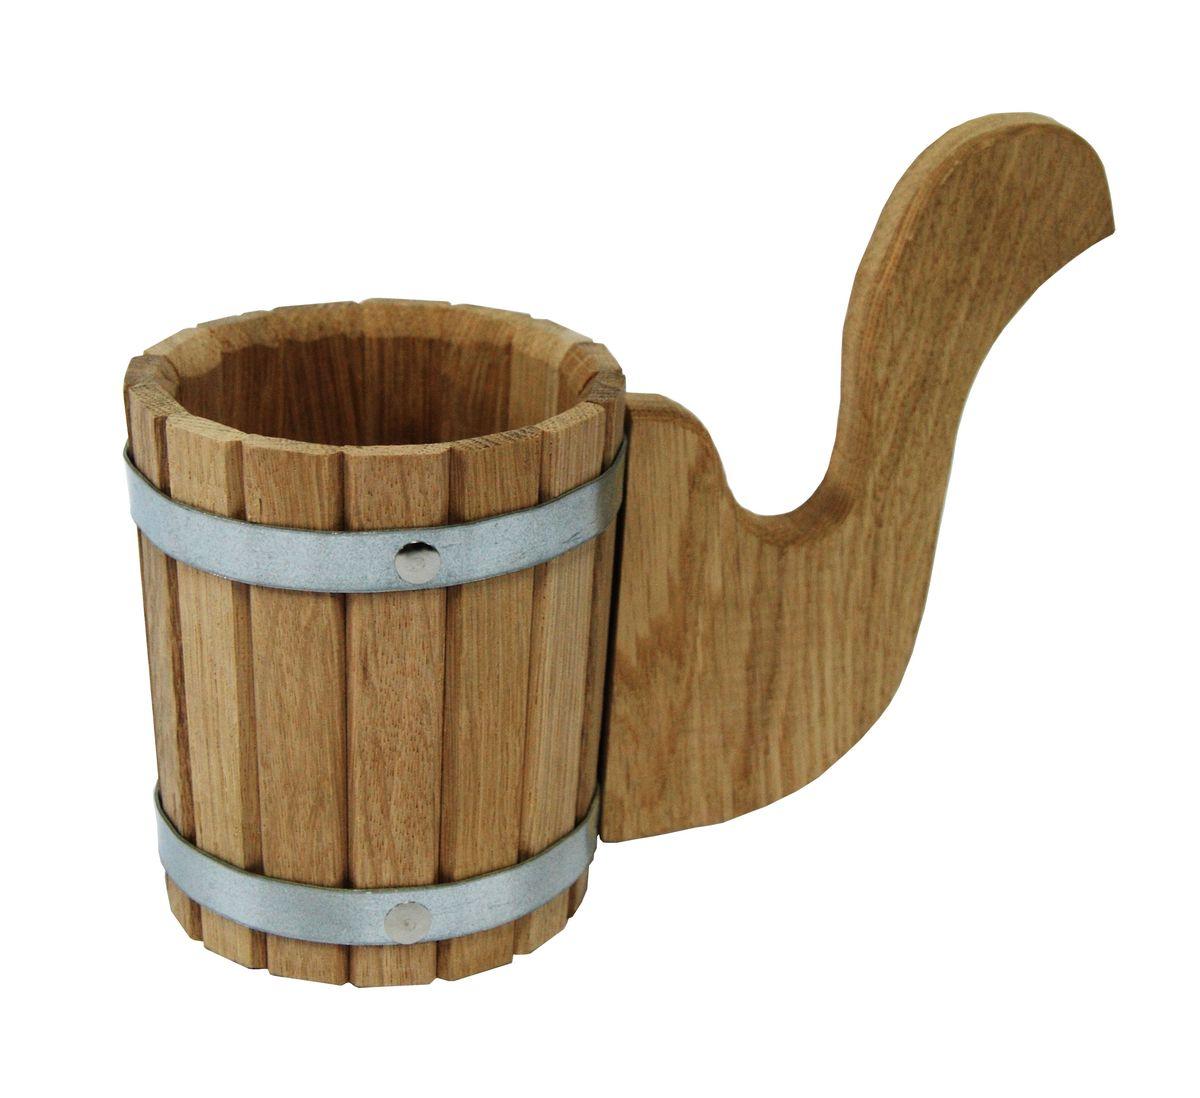 Чарка Proffi Sauna, 0,5 лPS0131Чарка Proffi Sauna выполнена из дубовых брусков, стянутых двумя металлическими обручами. Для более удобного использования чарка имеет эргономичную ручку. Она просто незаменима для подачи напитков, приготовления отваров из трав и ароматических масел, также подходит для декора или в качестве сувенира. Чарка является одной из тех приятных мелочей, без которых не обойтись при принятии банных процедур. Баня - место, где одинаково хорошо и в компании, и в одиночестве. Перекресток, казалось бы, разных направлений - общение и здоровье. Приятное и полезное. И всегда в позитиве. Объем чарки: 0,5 л. Диаметр чарки по верхнему краю: 11 см. Высота чарки (без учета ручки): 18 см.